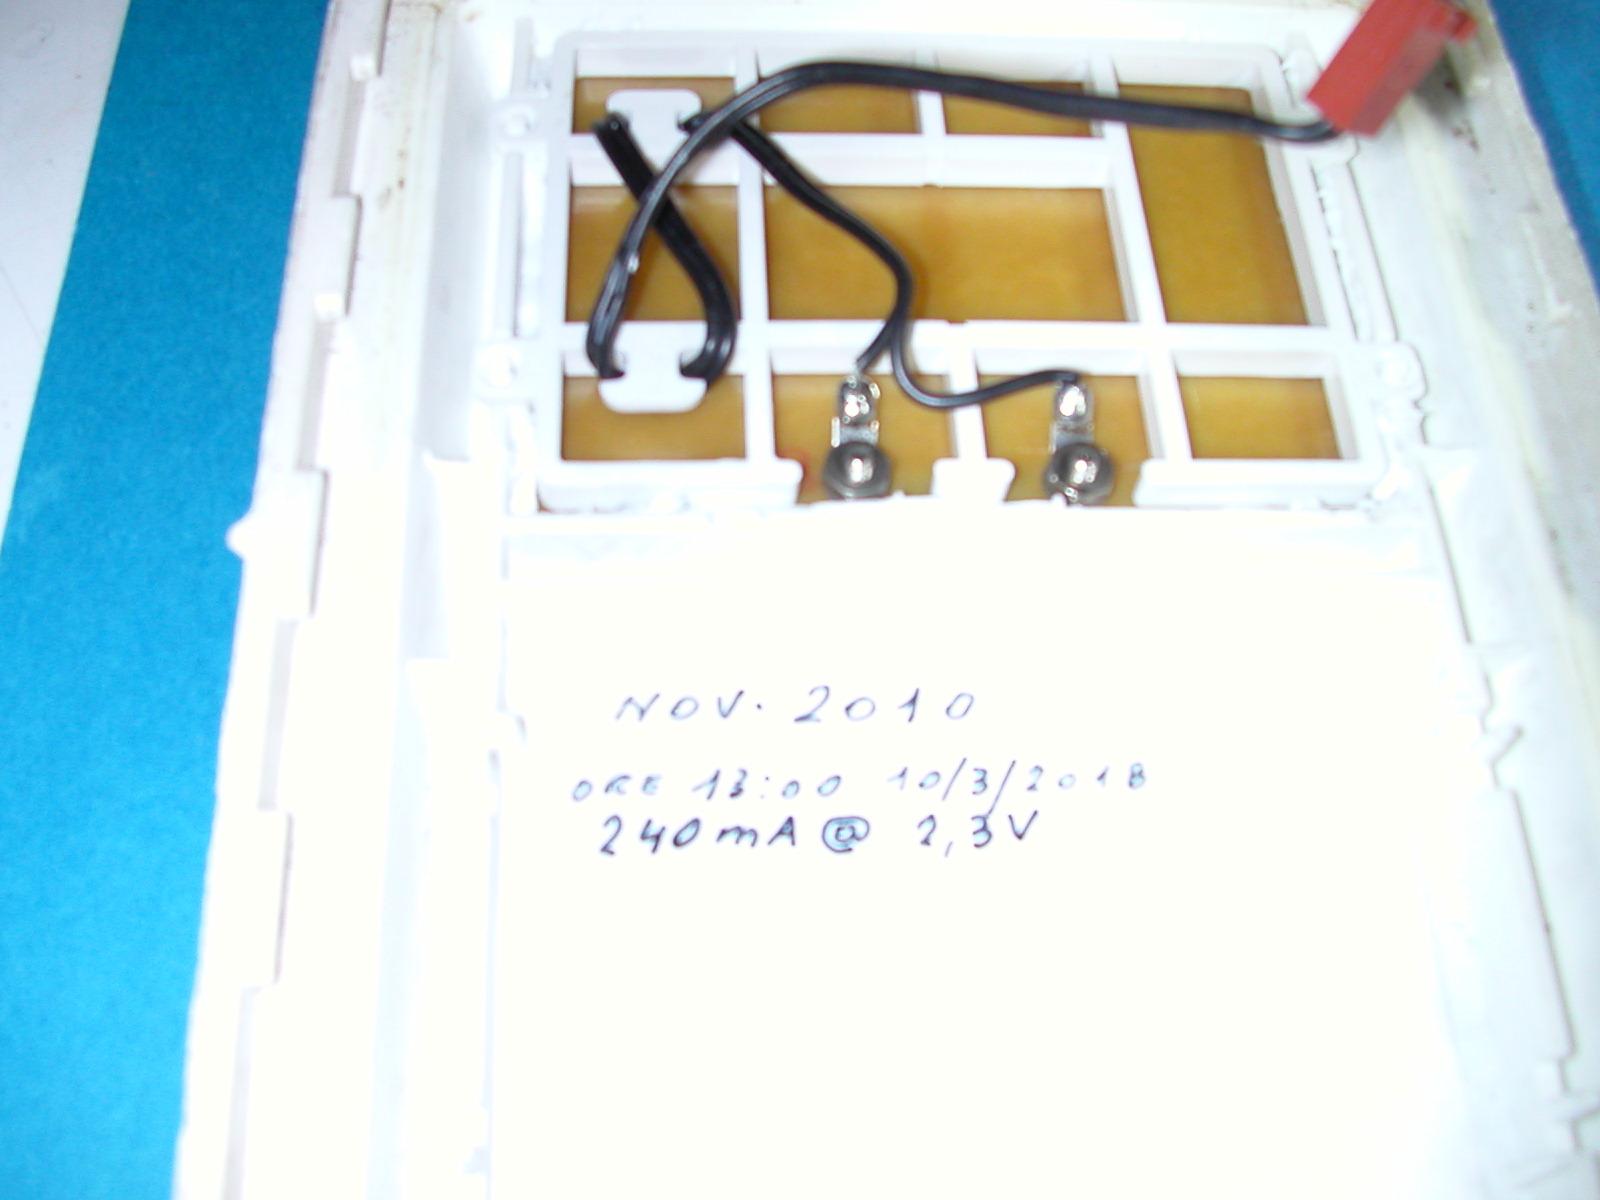 Problemi infiltrazioni di acqua su scatola scheda trasmissione ISS-dscn6603.jpg